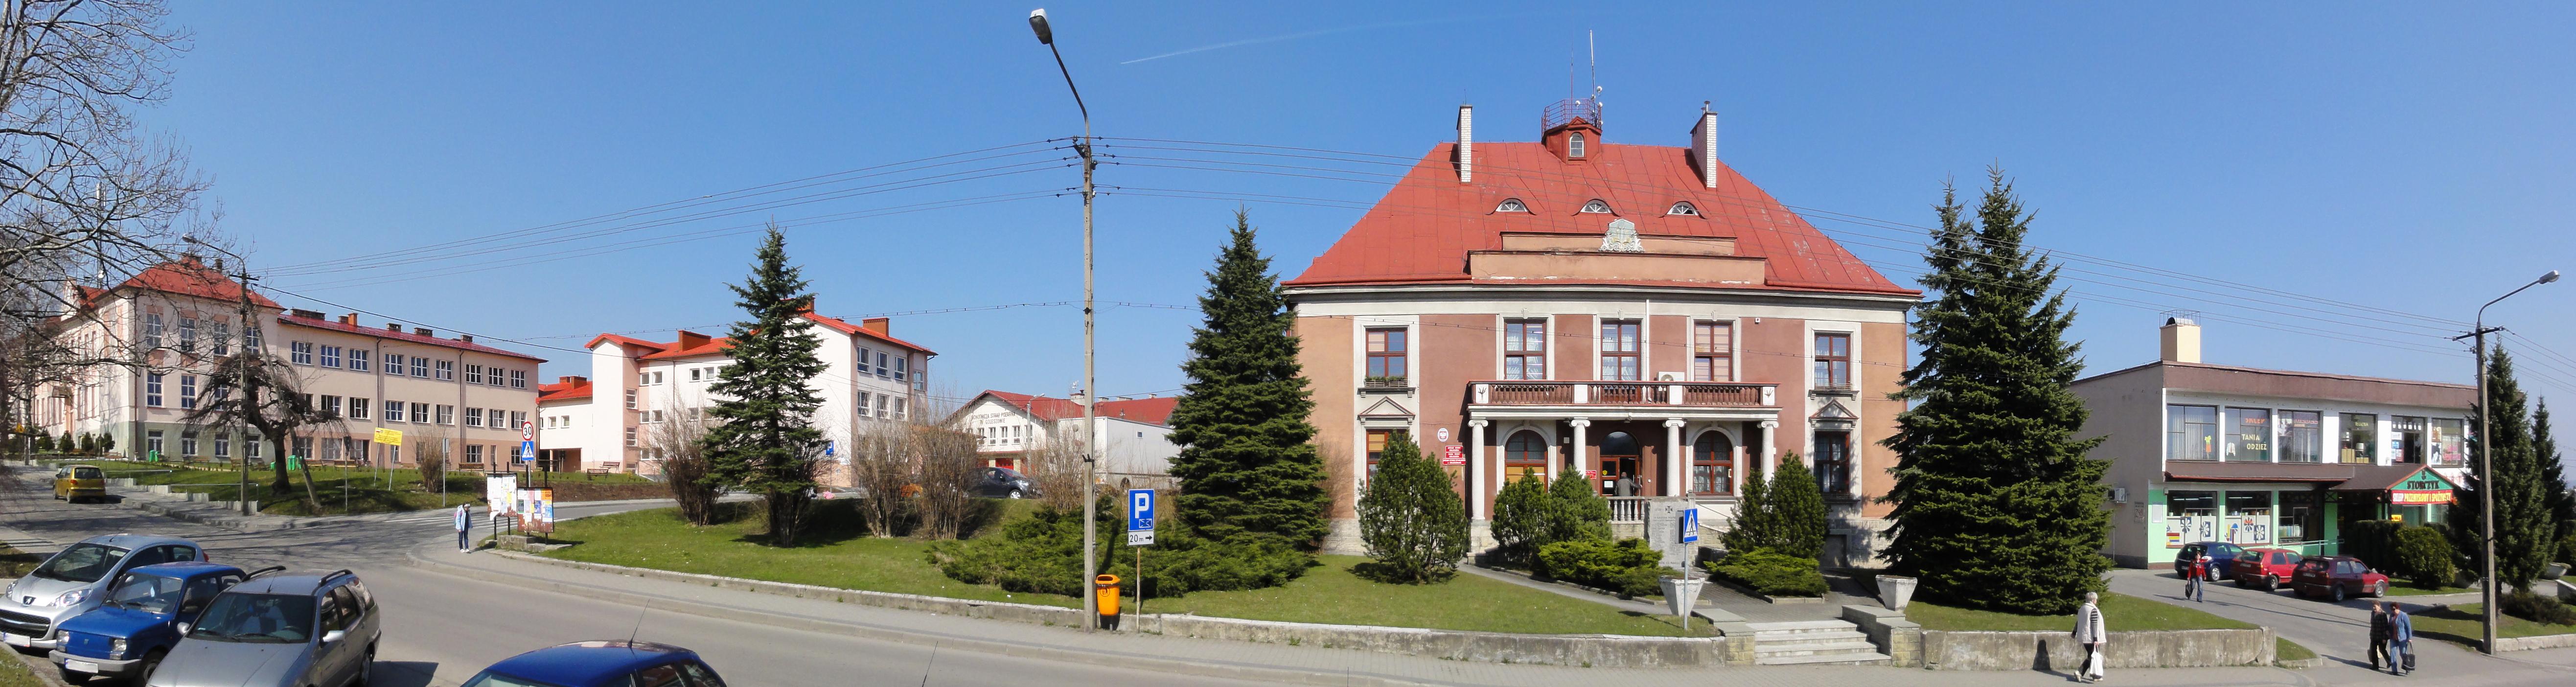 Goleszów (plaats in Silezië)